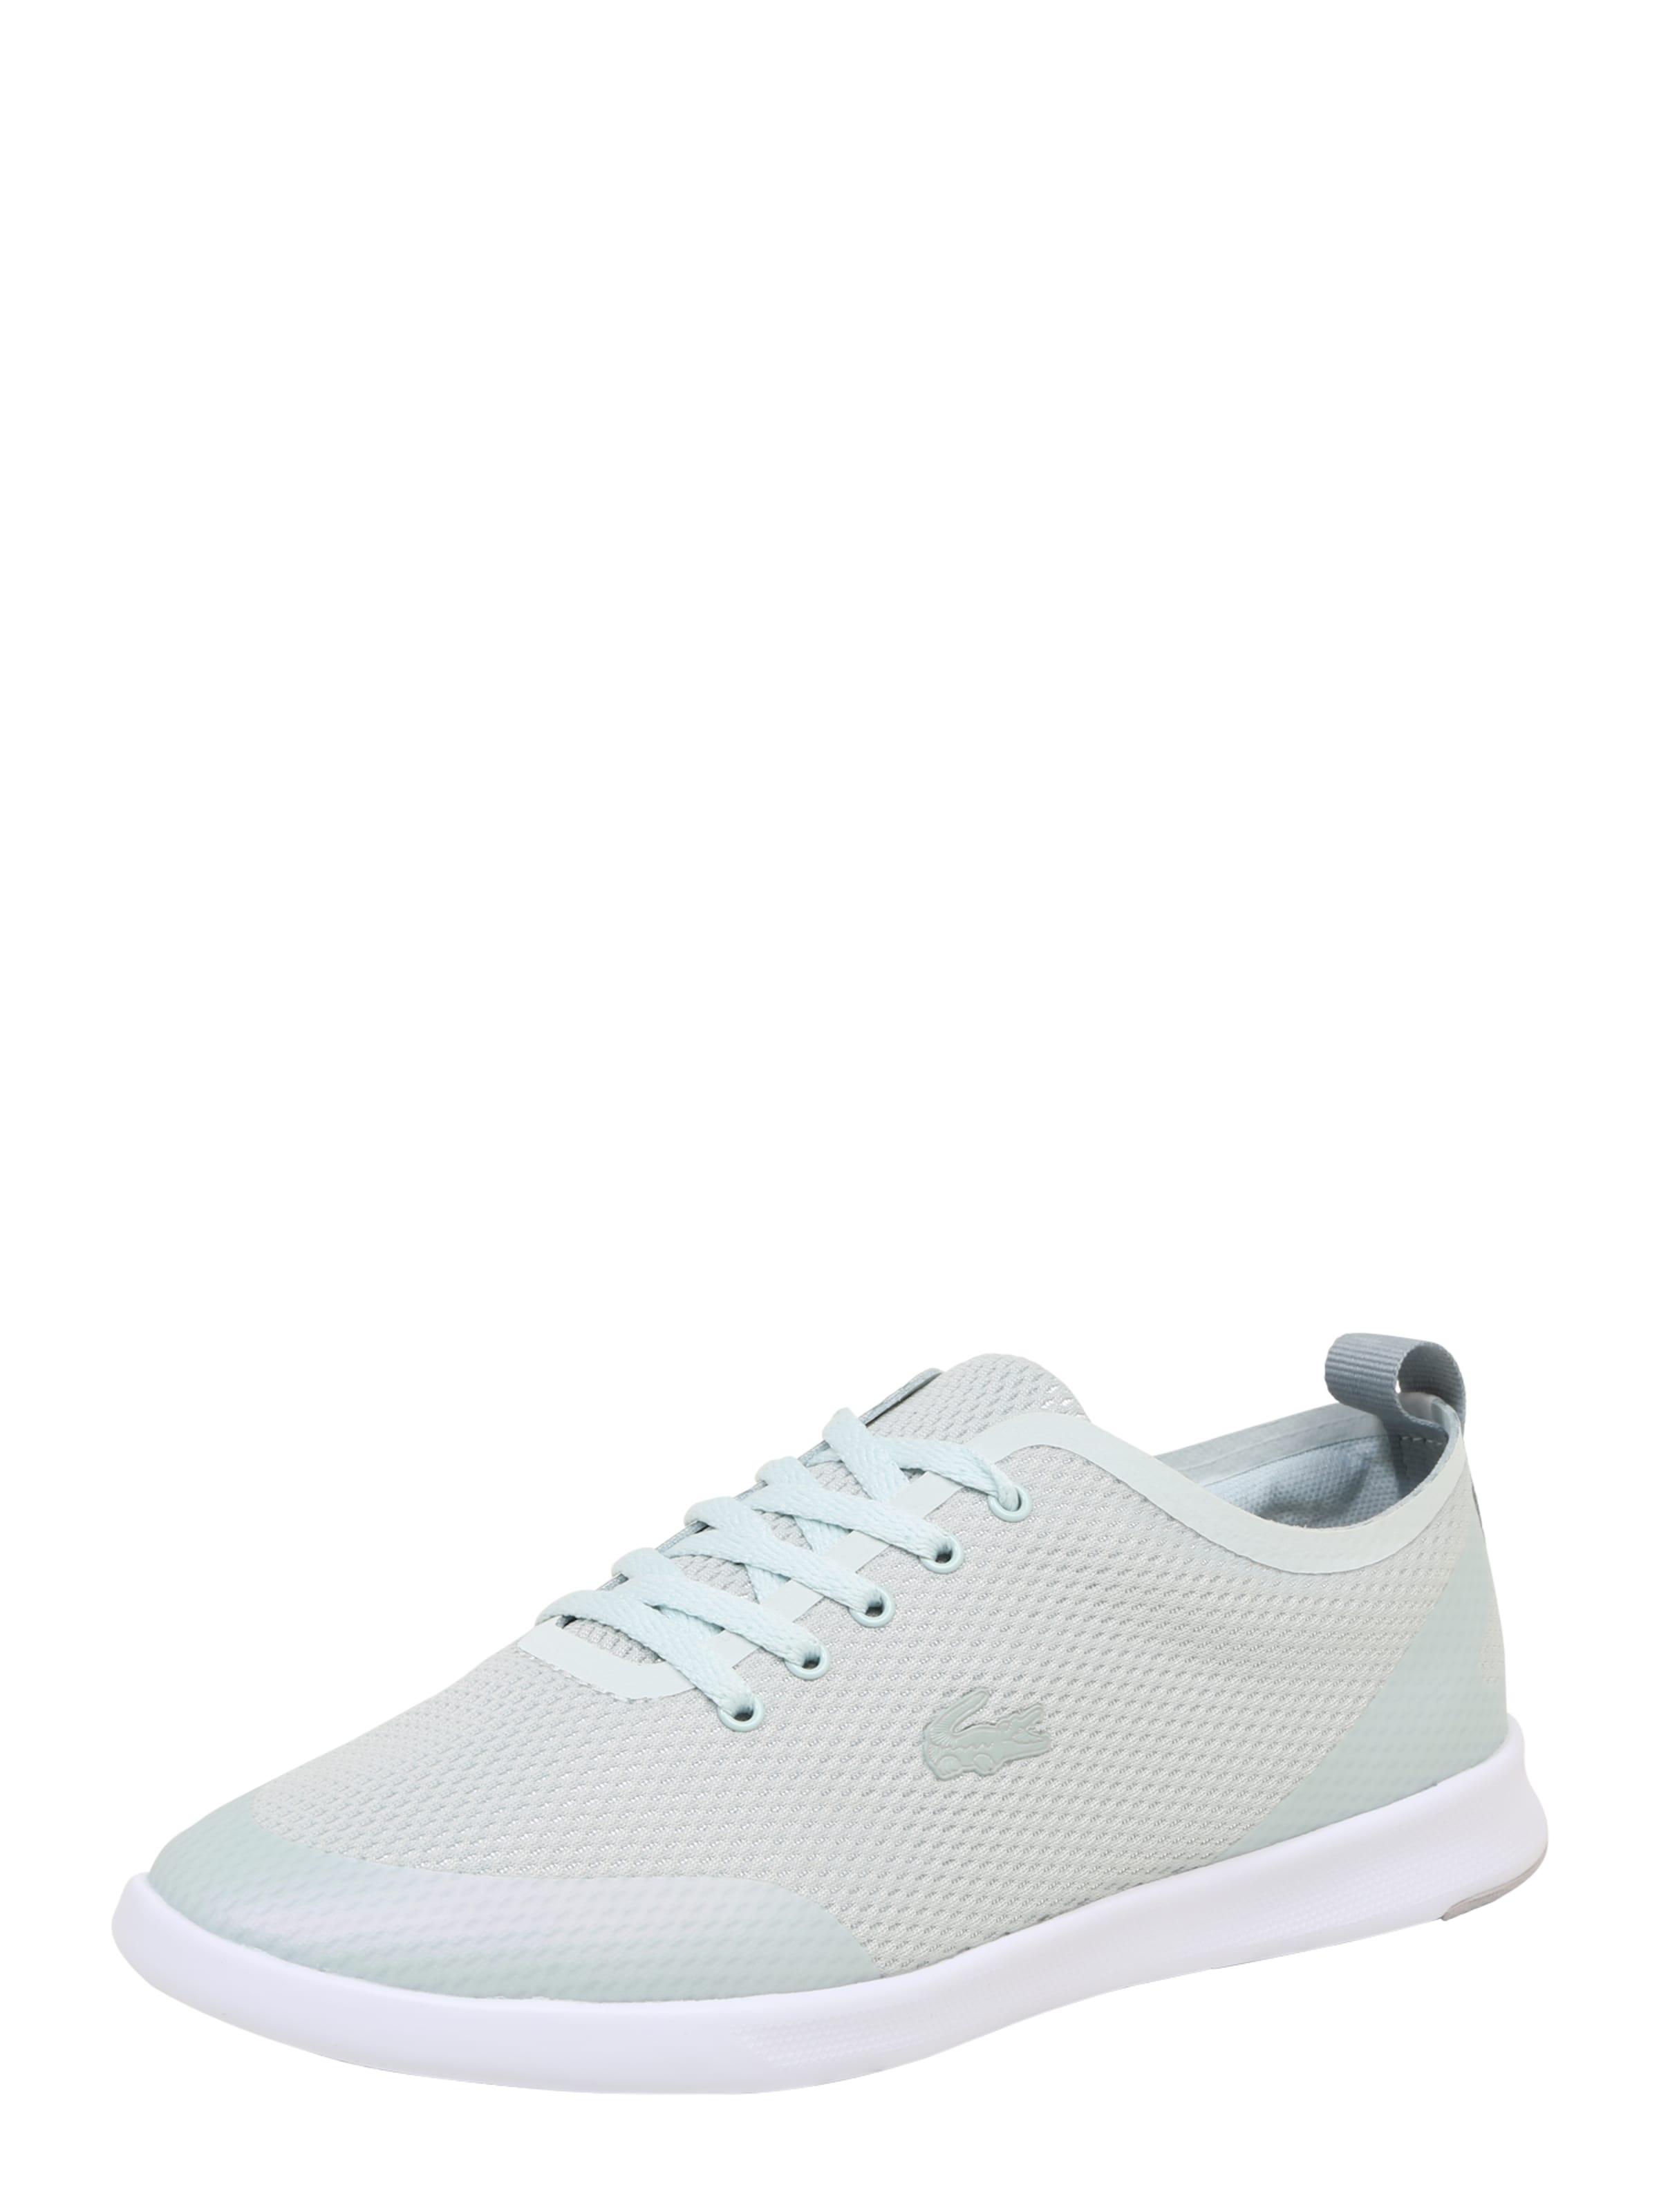 Haltbare Mode billige Schuhe LACOSTE | Sneaker 'AVENIR' Schuhe Gut getragene Schuhe